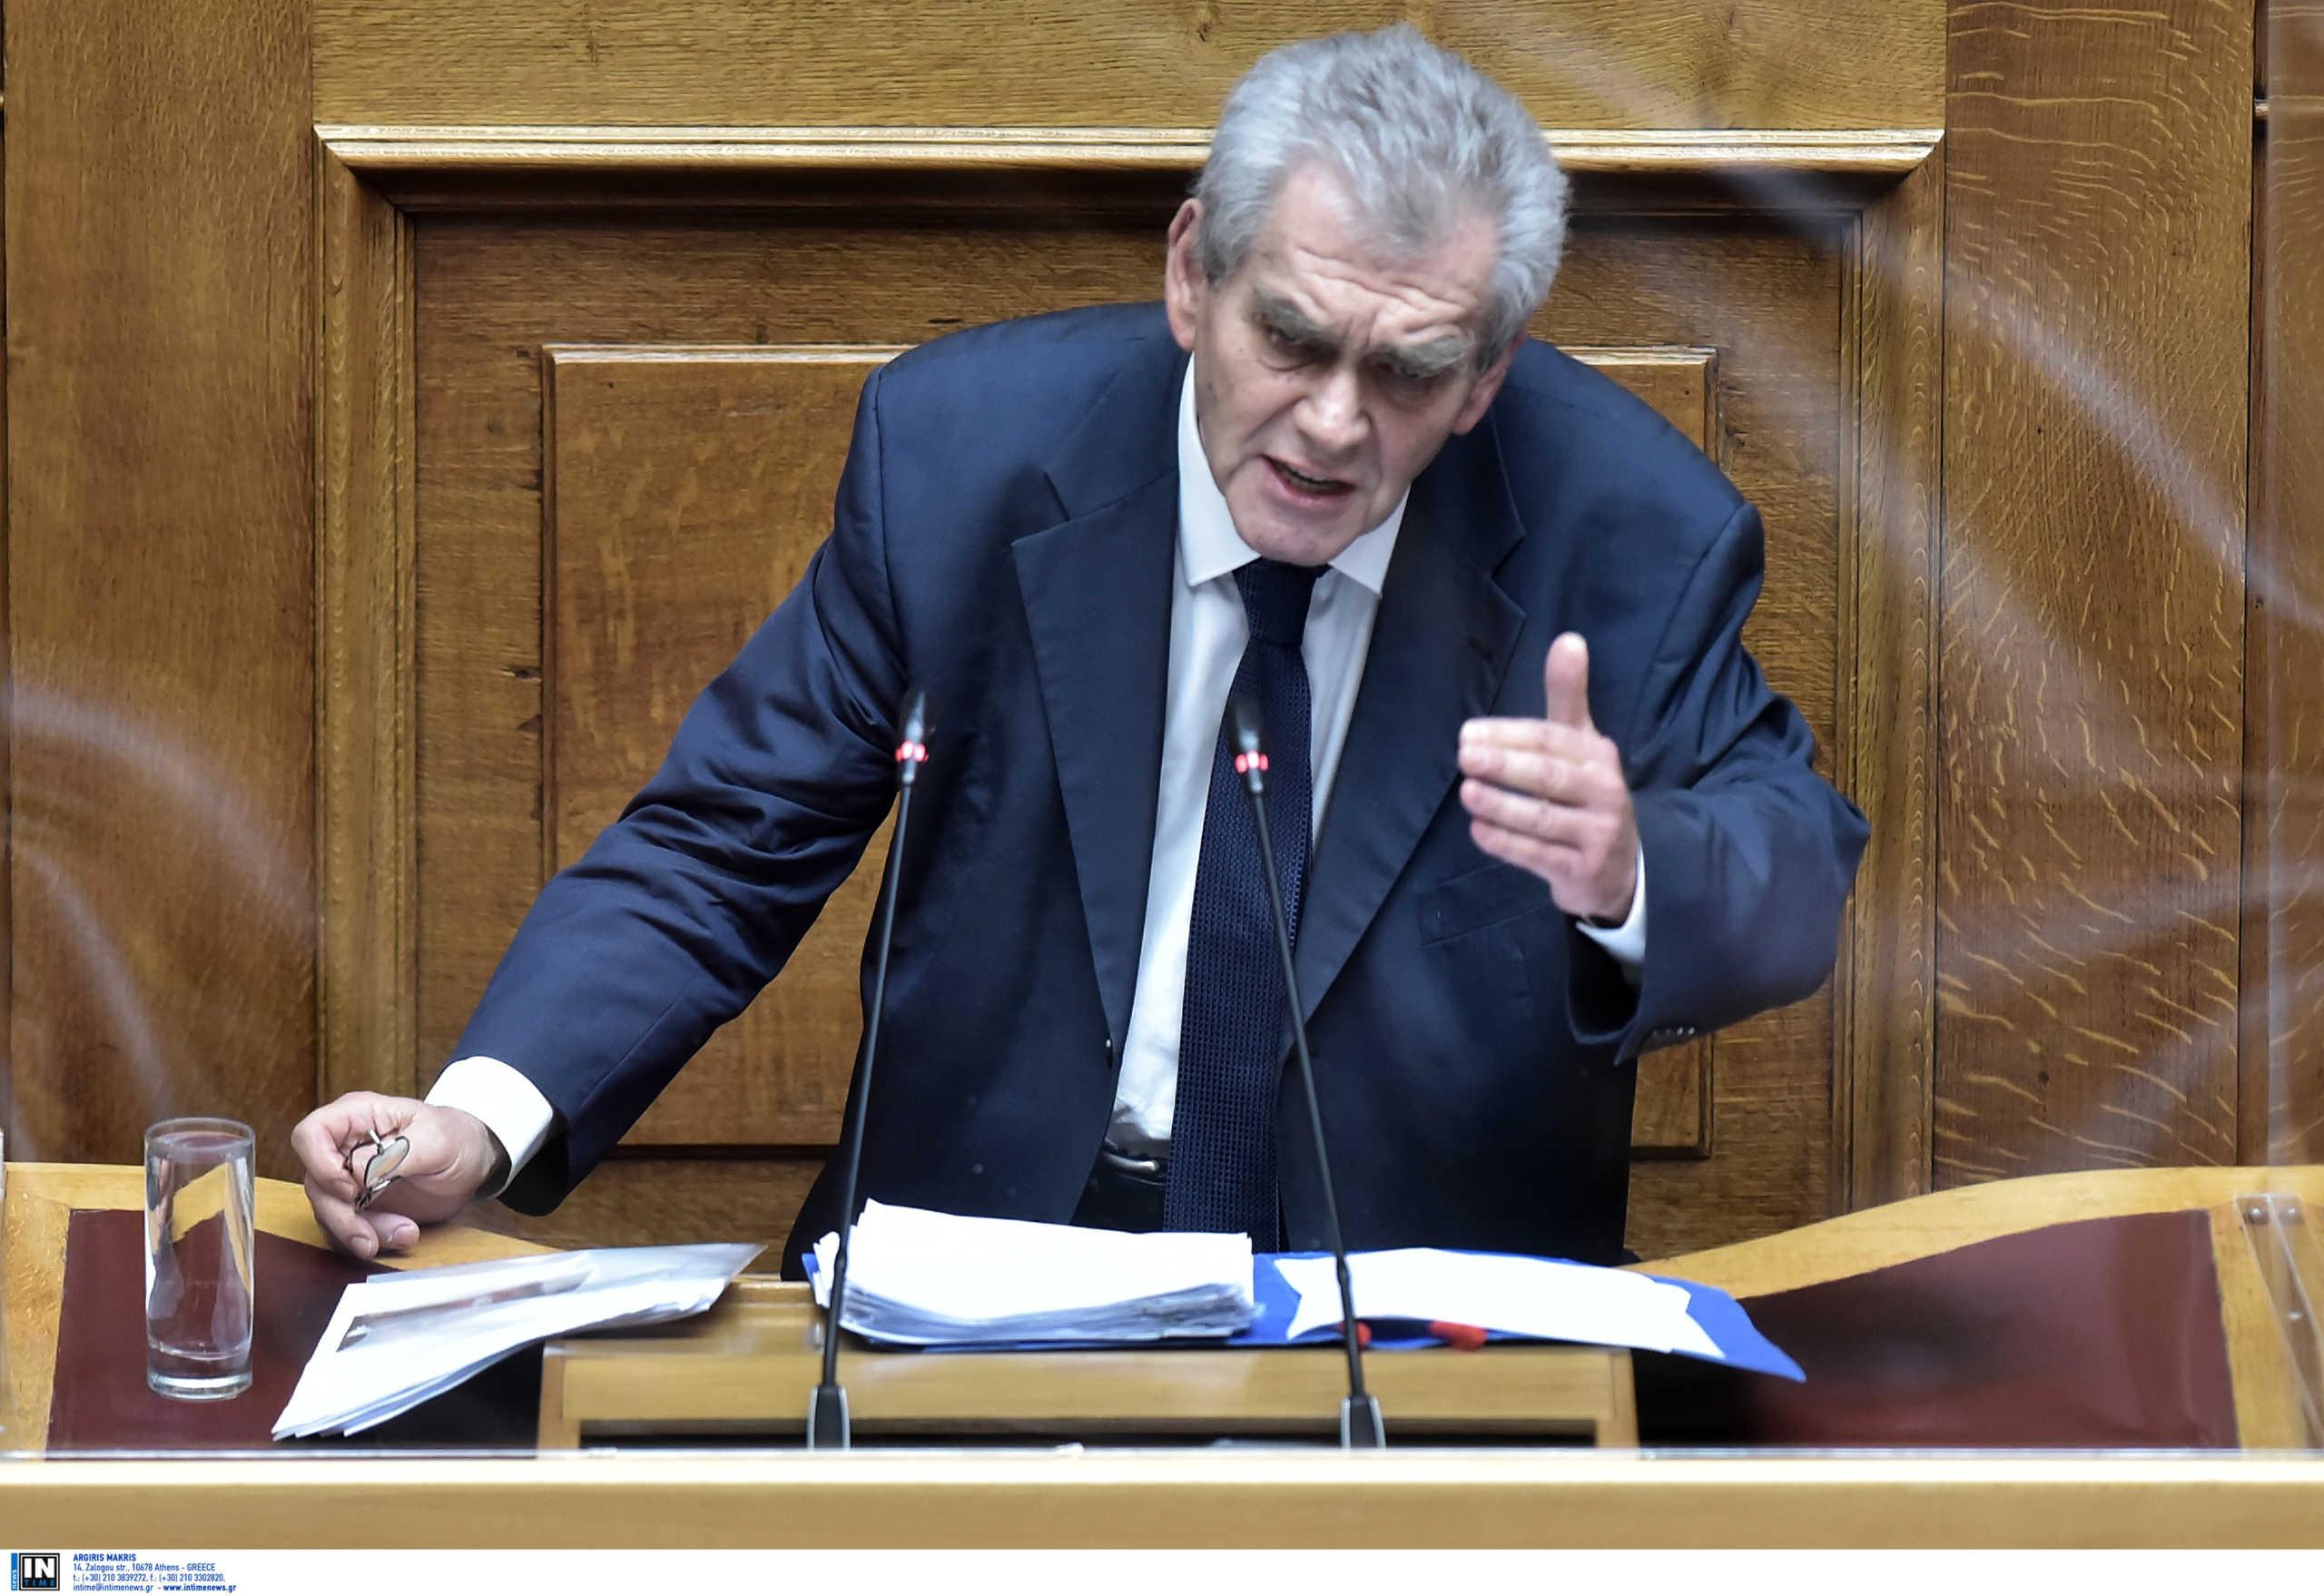 Παπαγγελόπουλος: Είμαι μόνο η αρχή των πολιτικών διώξεων – Ψηφίστε κατά συνείδηση